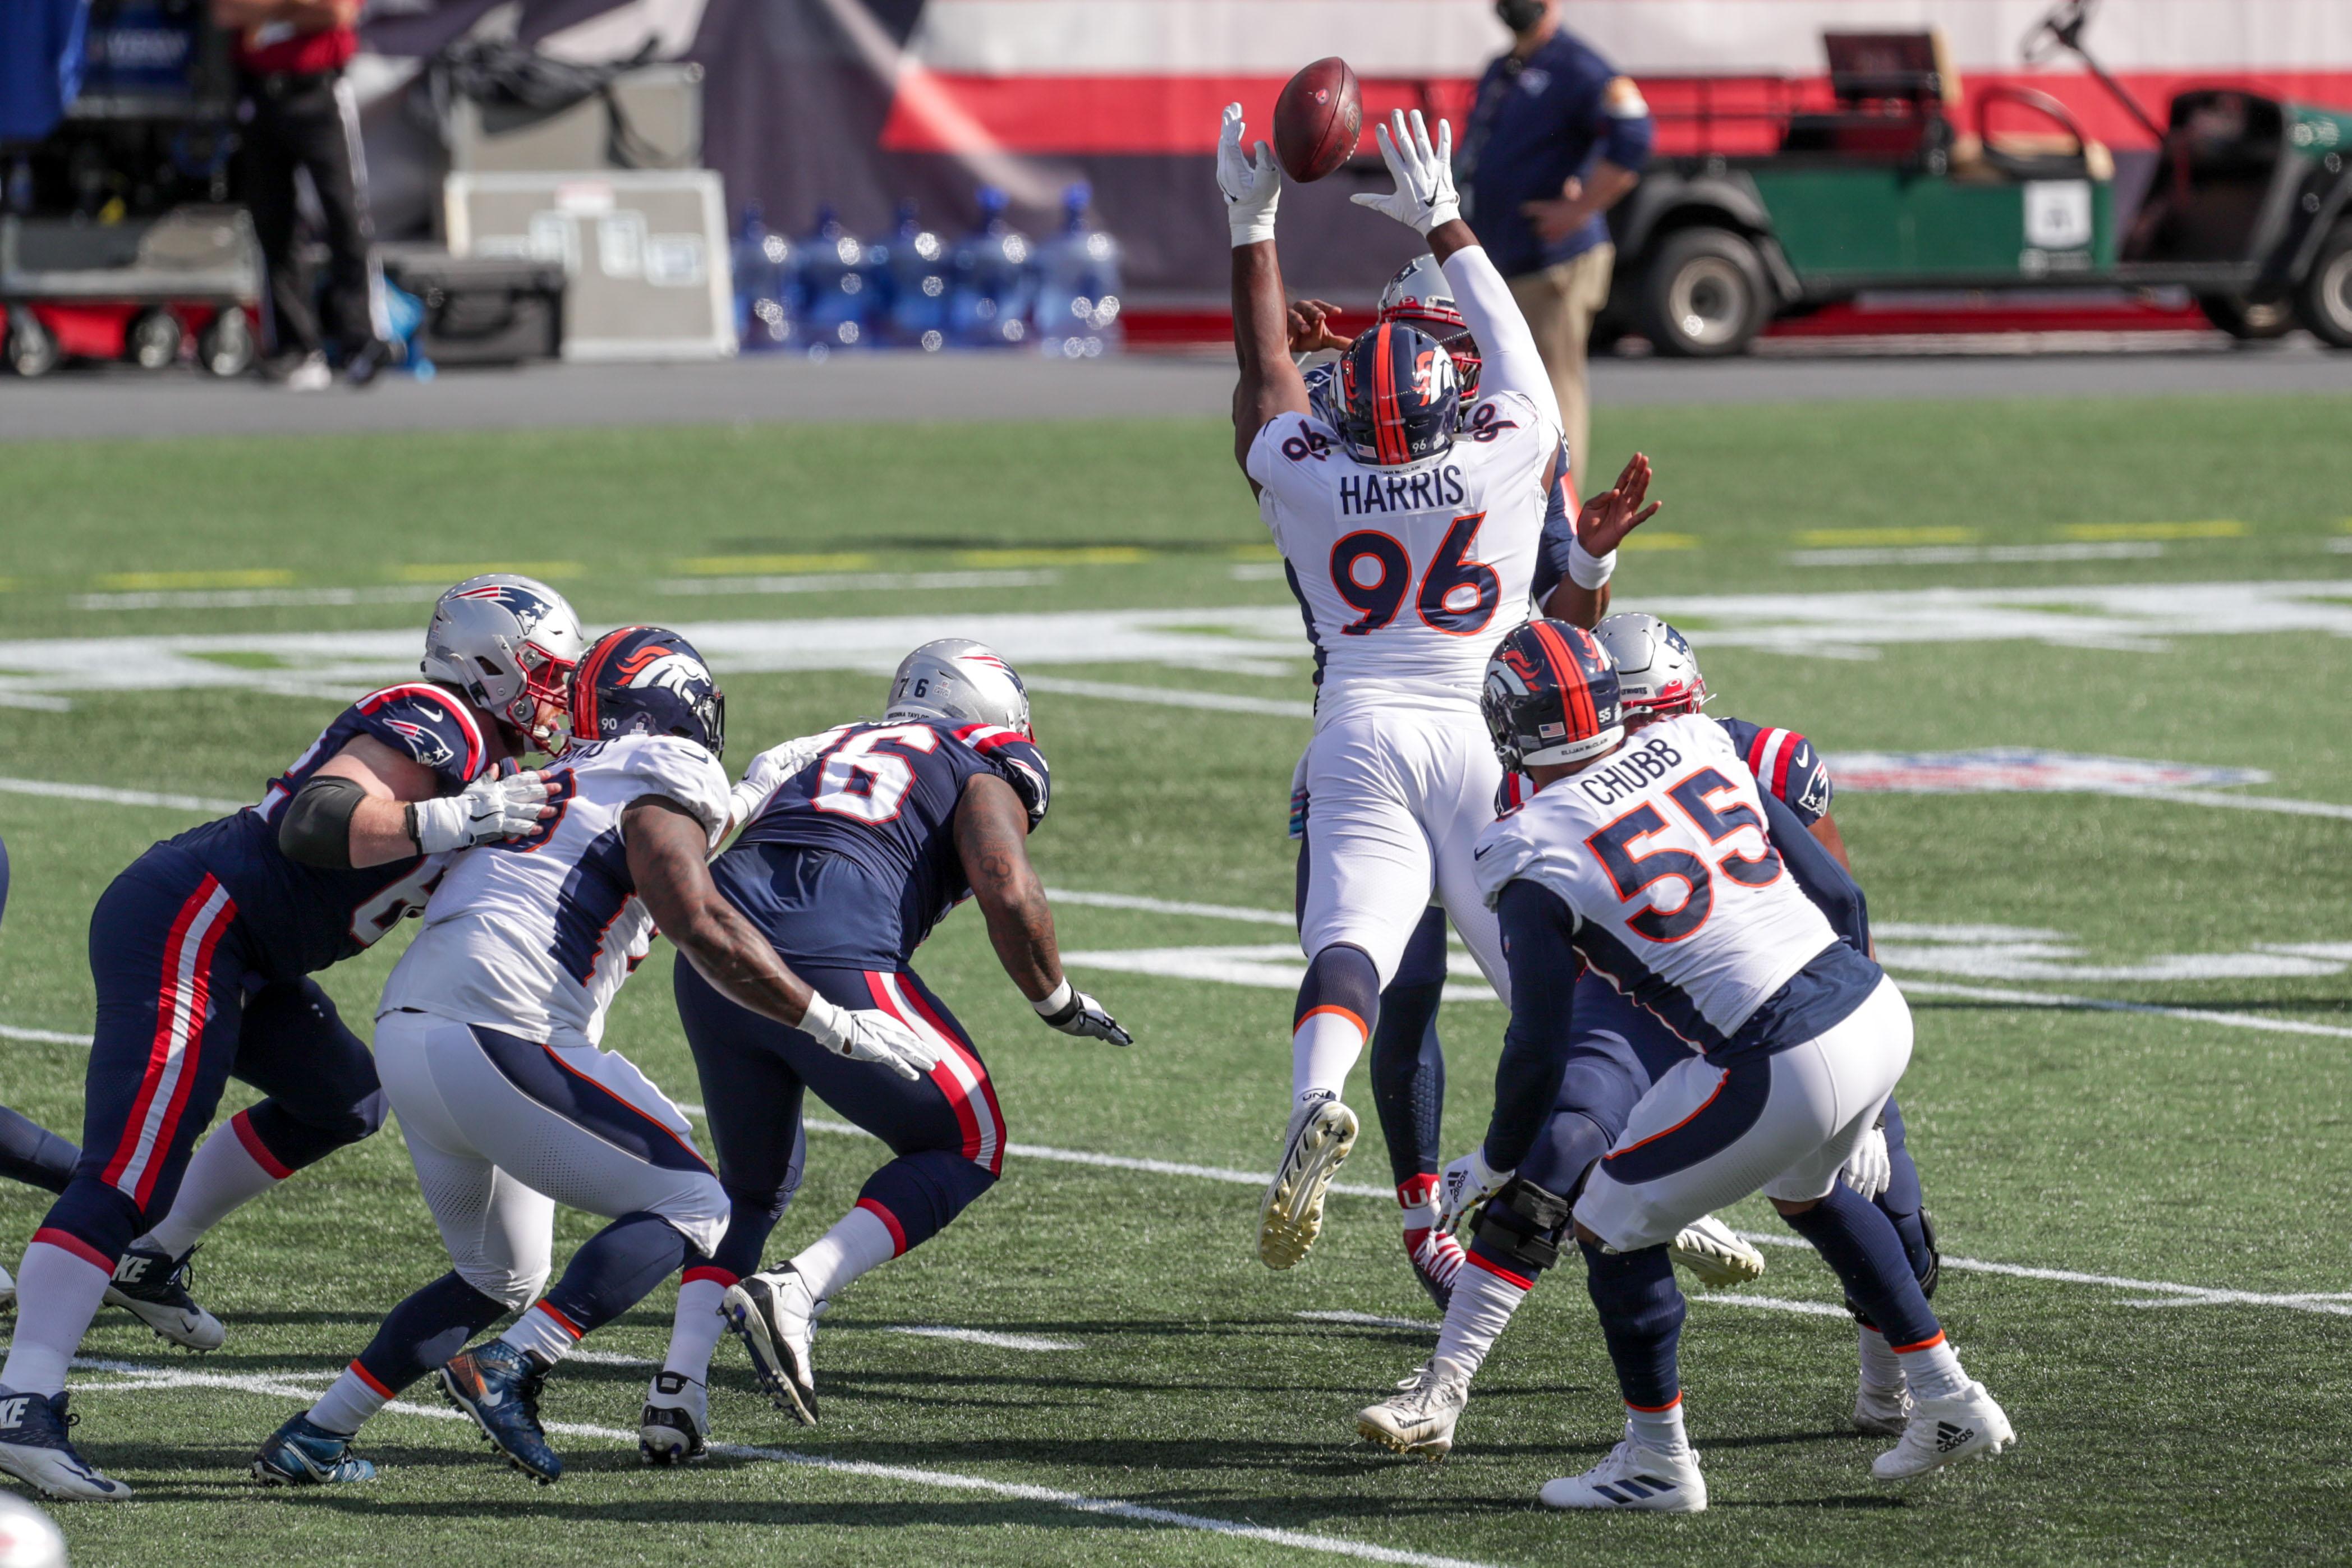 NFL: Denver Broncos at New England Patriots